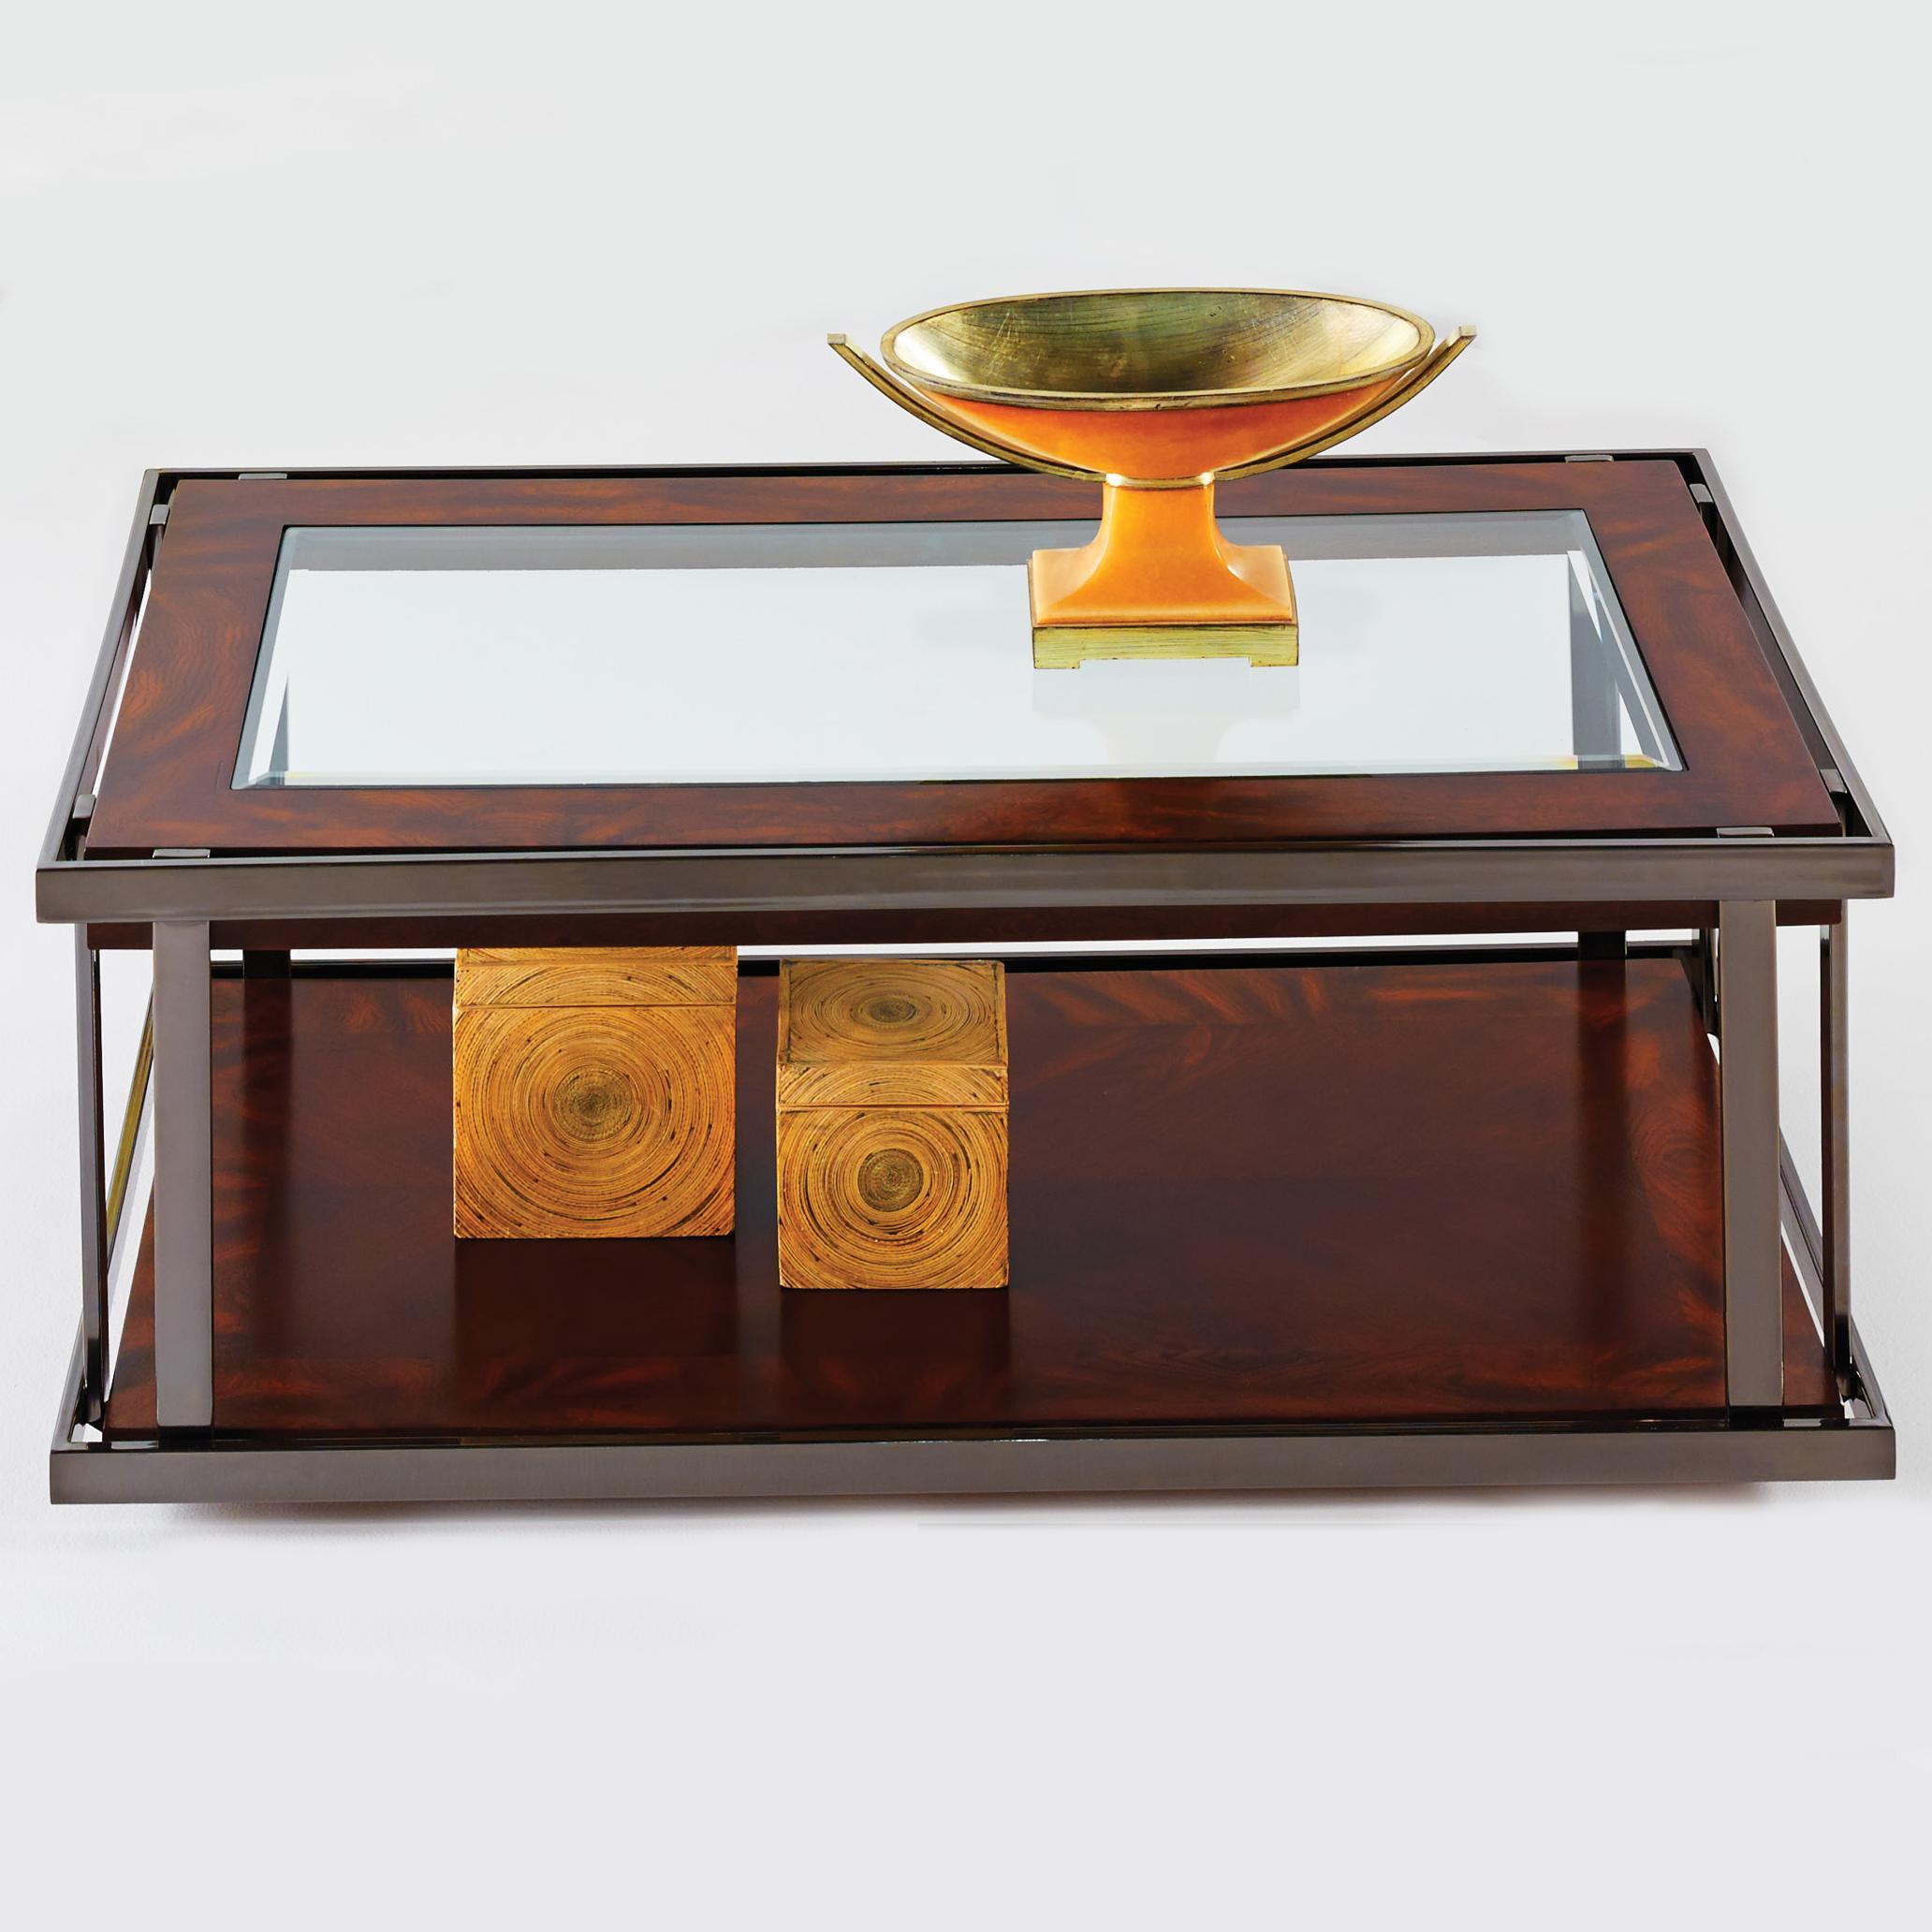 Progressive Furniture Medalist Castered Cocktail Table - Item Number: P350-01